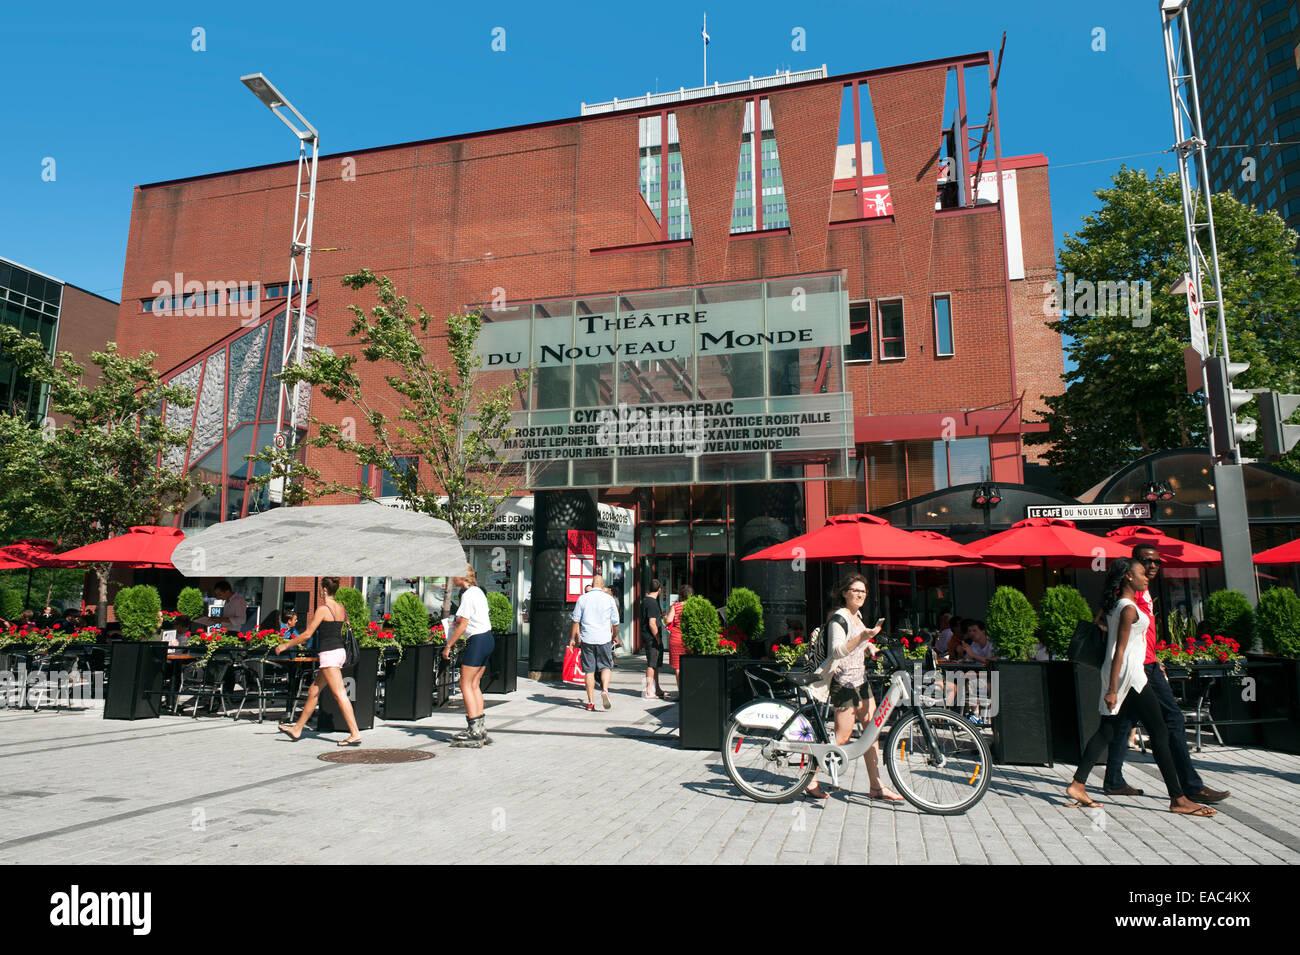 Théâtre du Nouveau Monde, Montreal, province of Quebec, Canada. - Stock Image